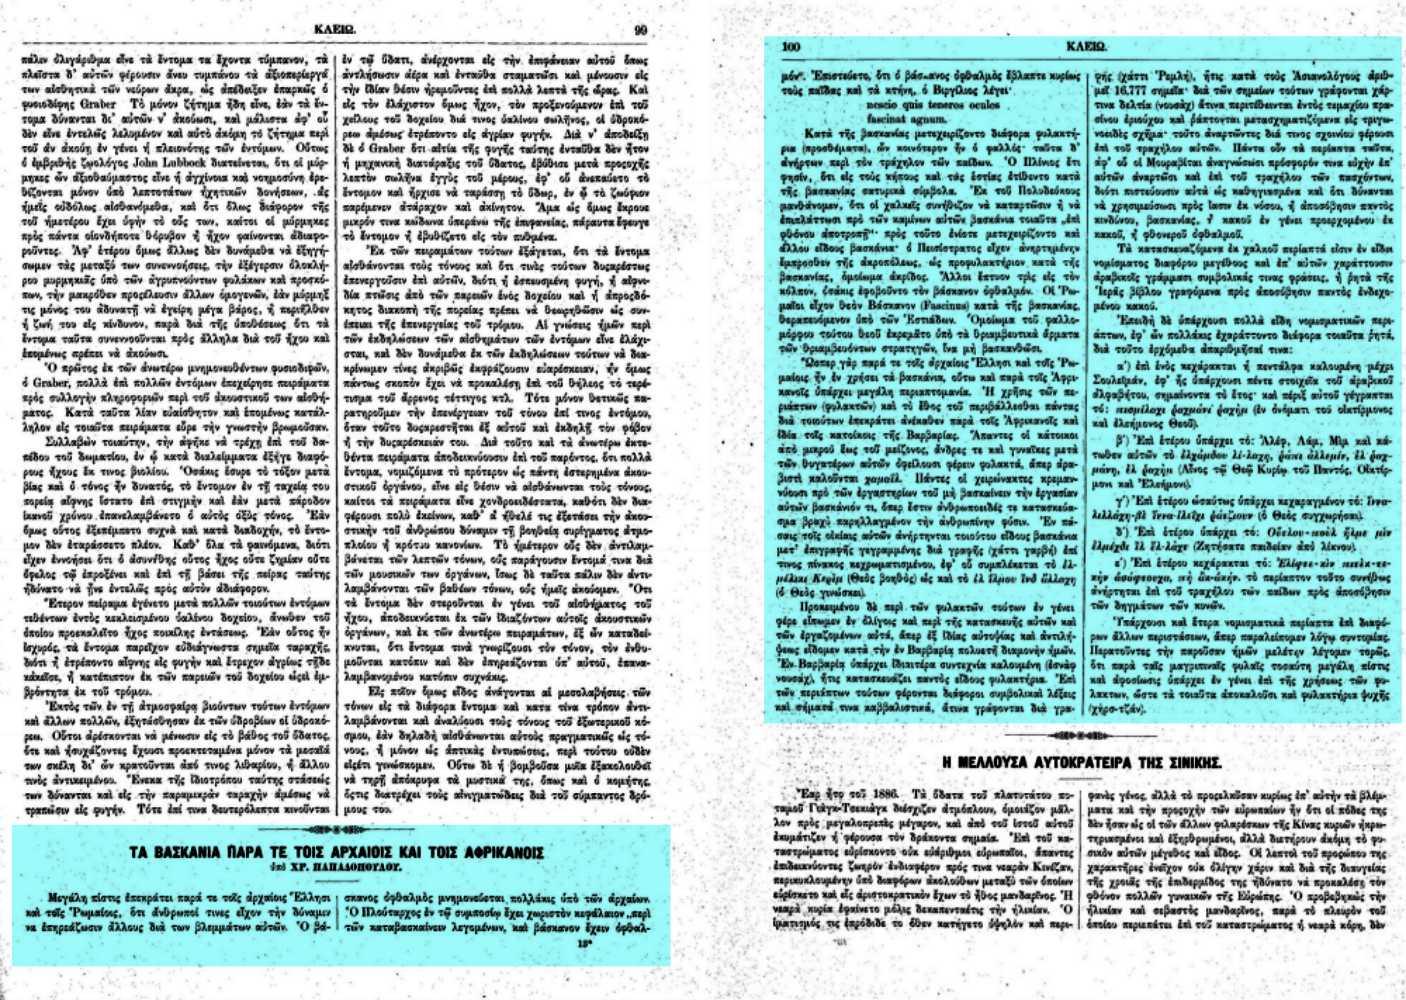 """Το άρθρο, όπως δημοσιεύθηκε στο περιοδικό """"ΚΛΕΙΩ"""", στις 01/04/1887"""